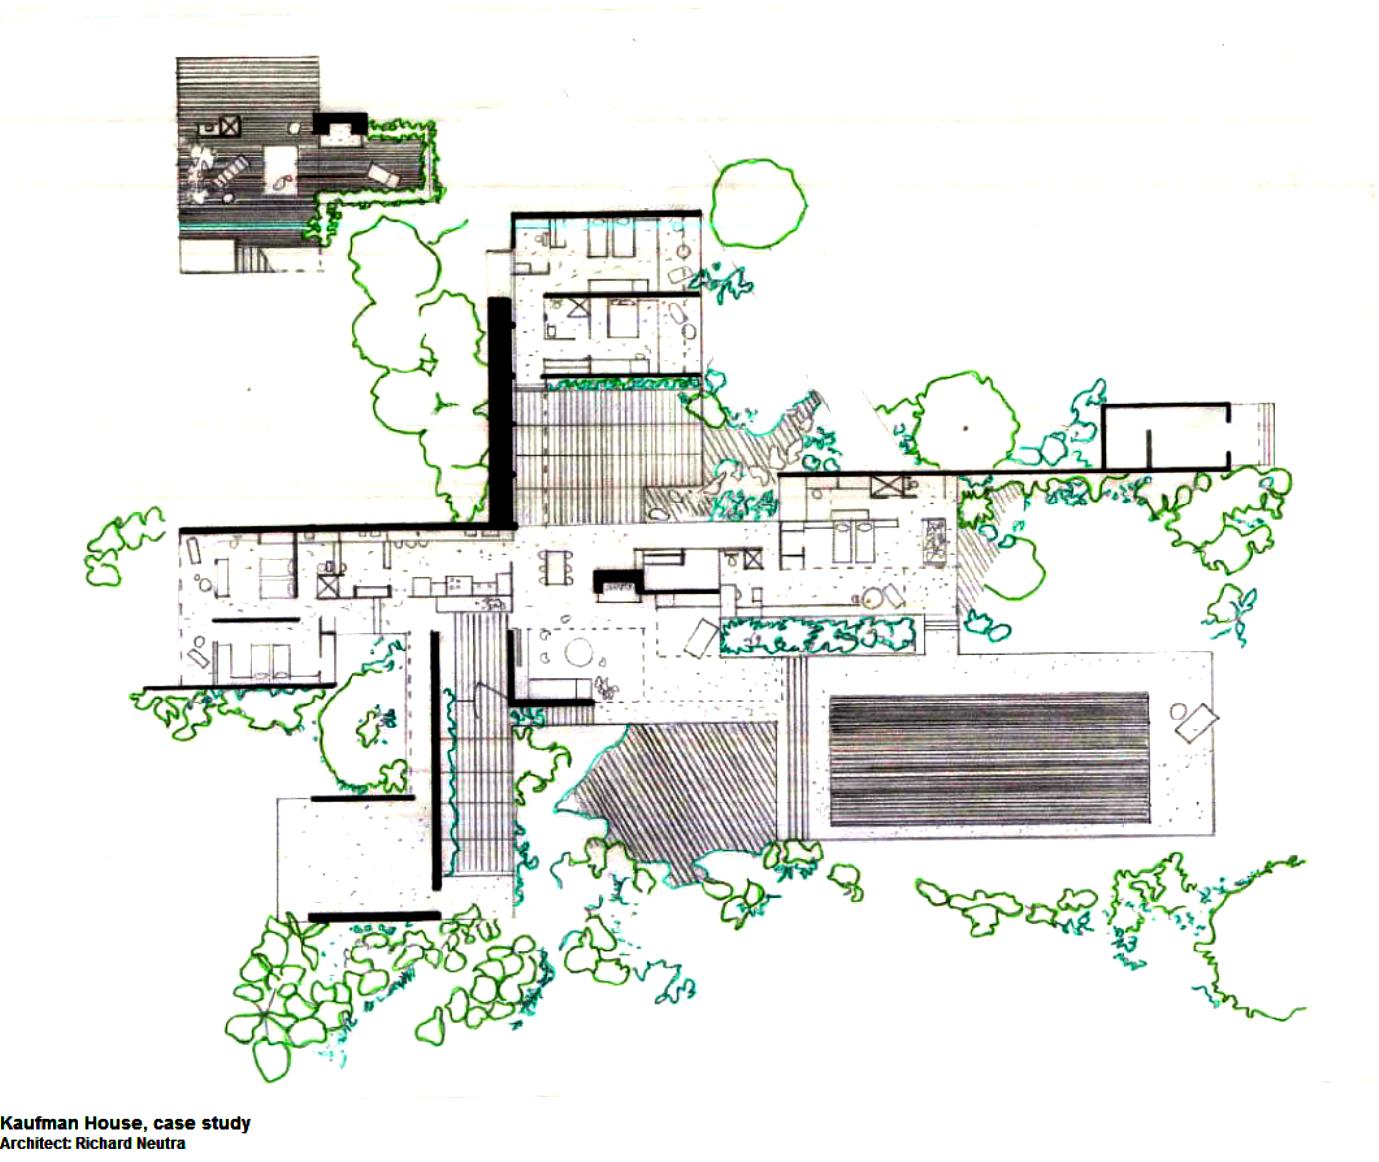 Richard neutra kaufmann house floor plans for Desert home plans